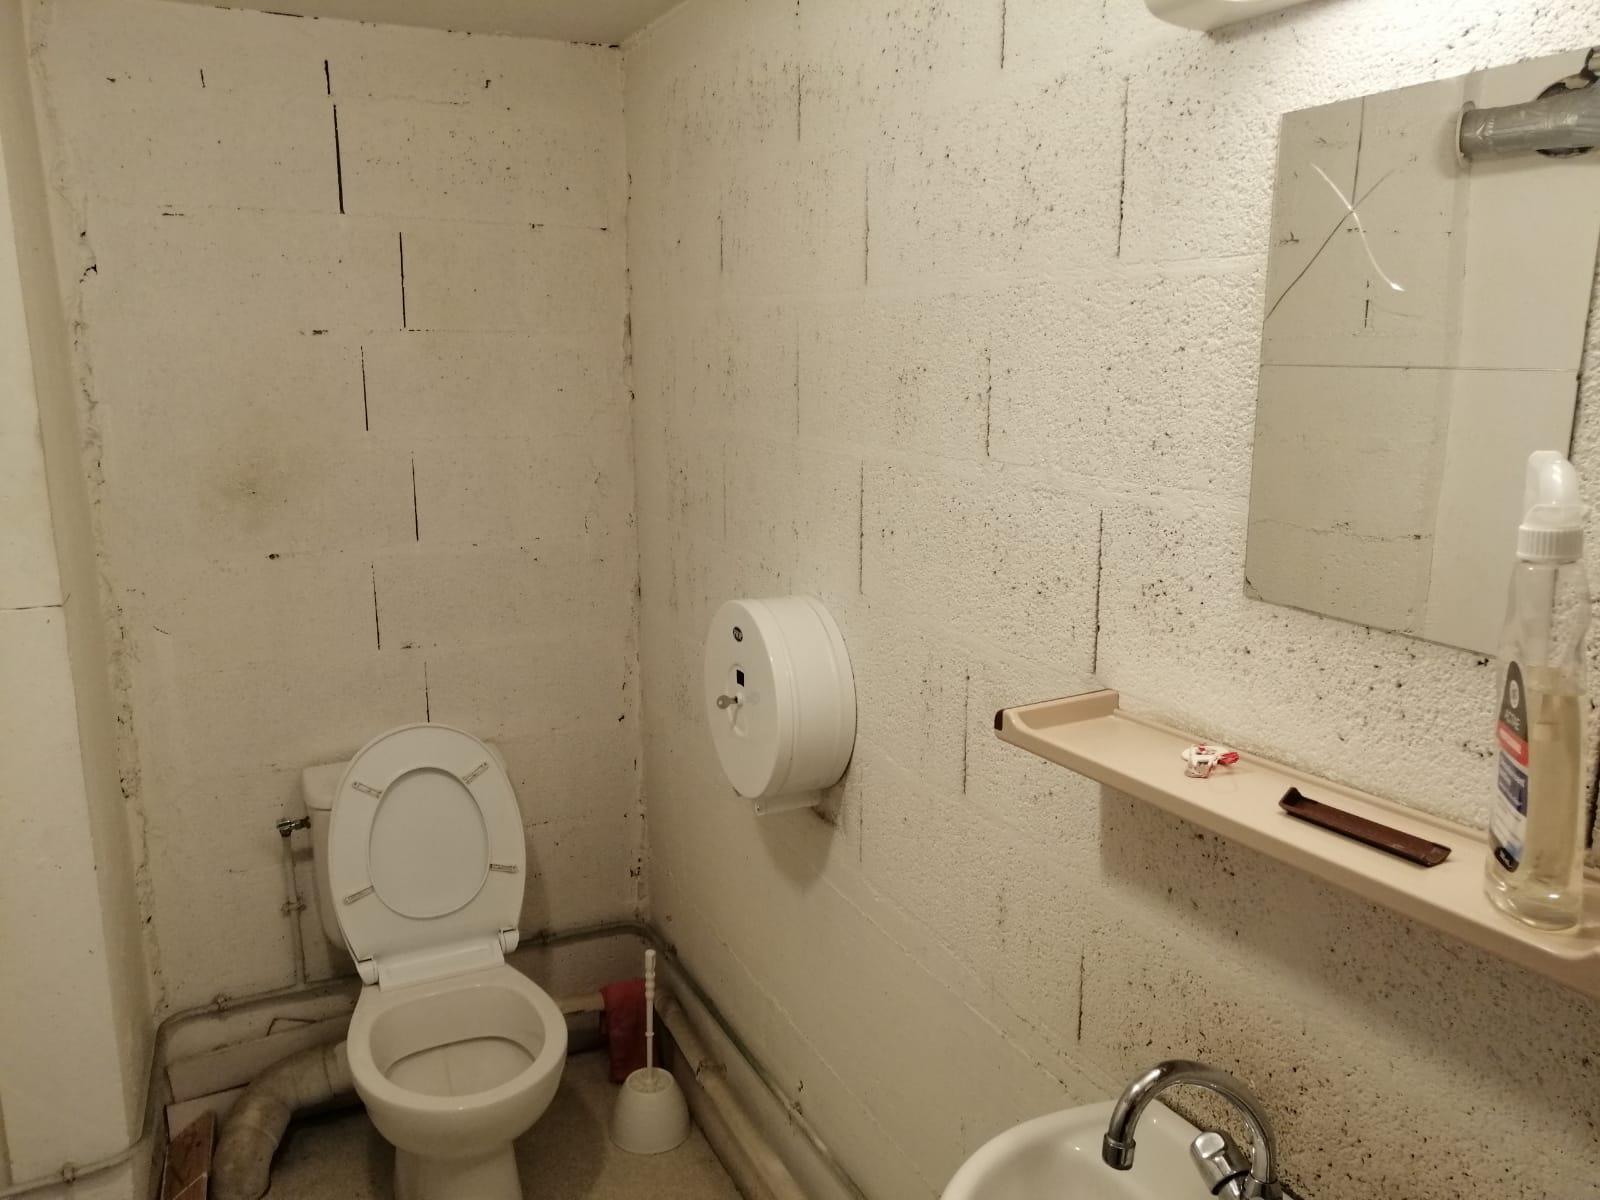 (PHOTOS) Annemasse: cafards, toilettes dans le vestiaire, vétusté… le triste local de la police municipale